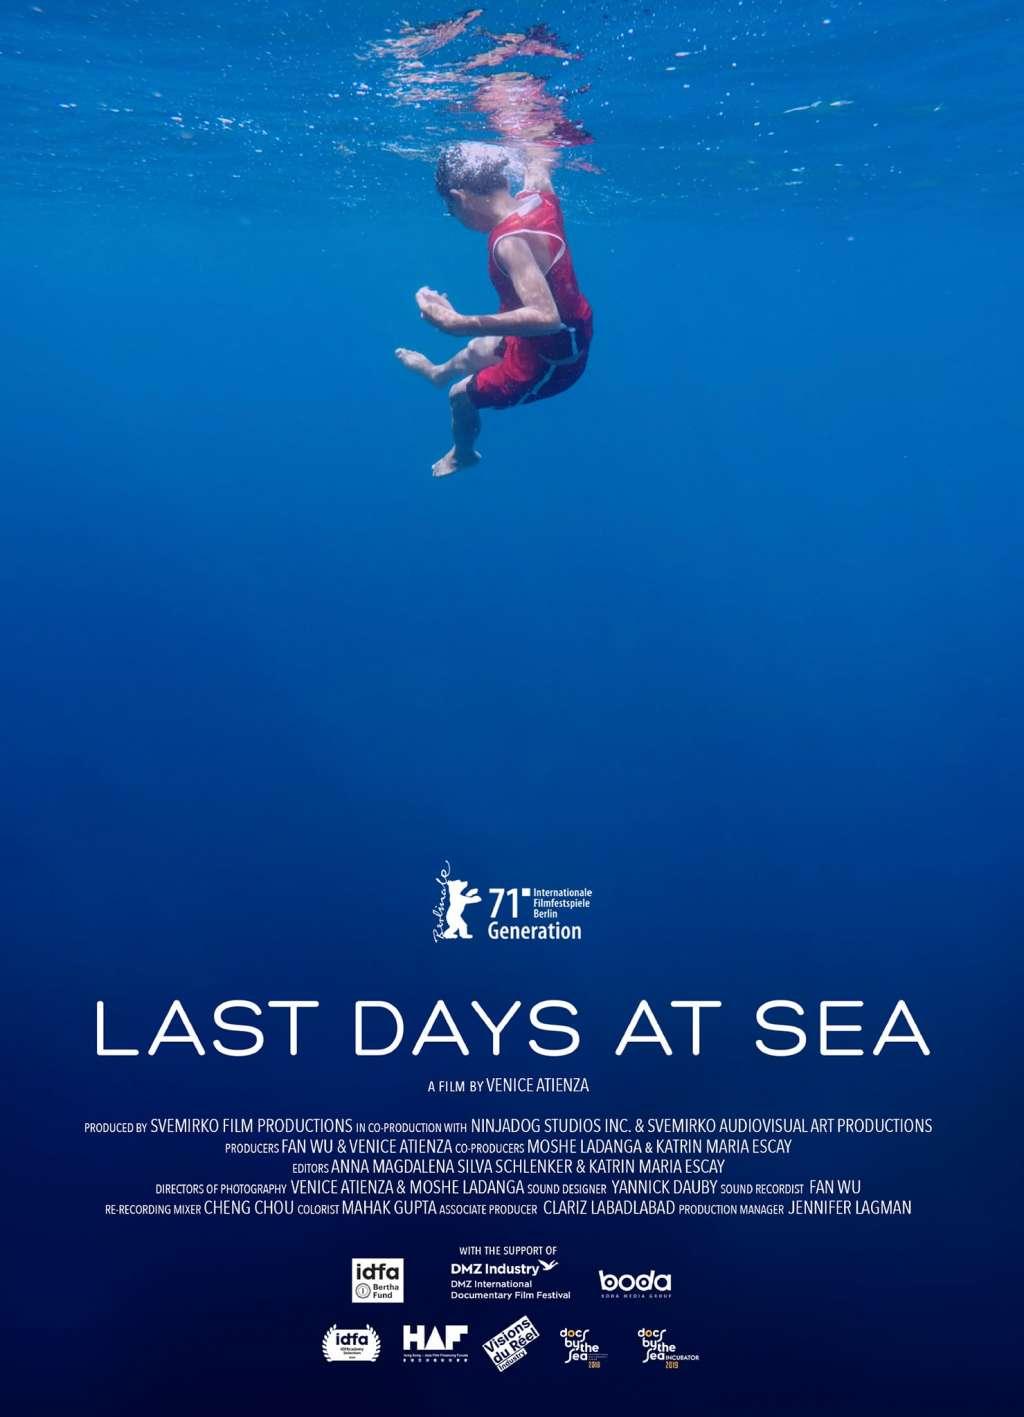 Last Days at Sea kapak